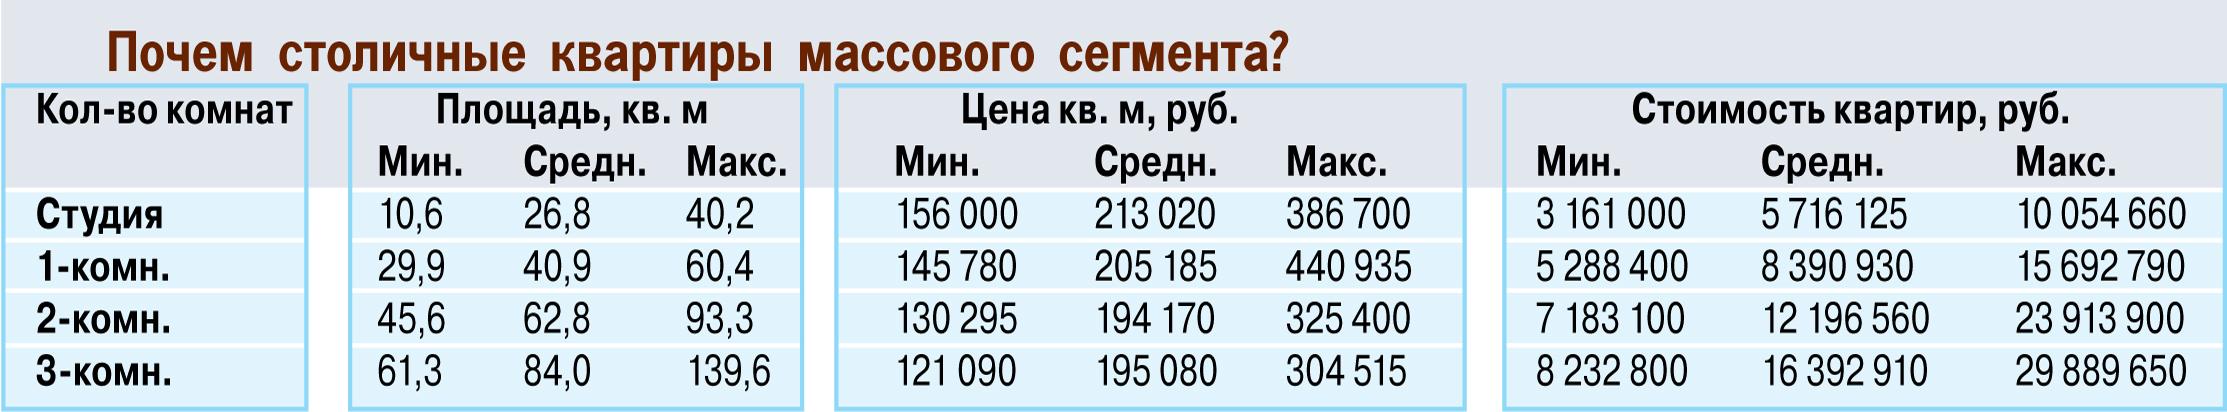 afb7c3221f011288559e01f064bc7b98 - В Москве опять поднялись цены на новостройки